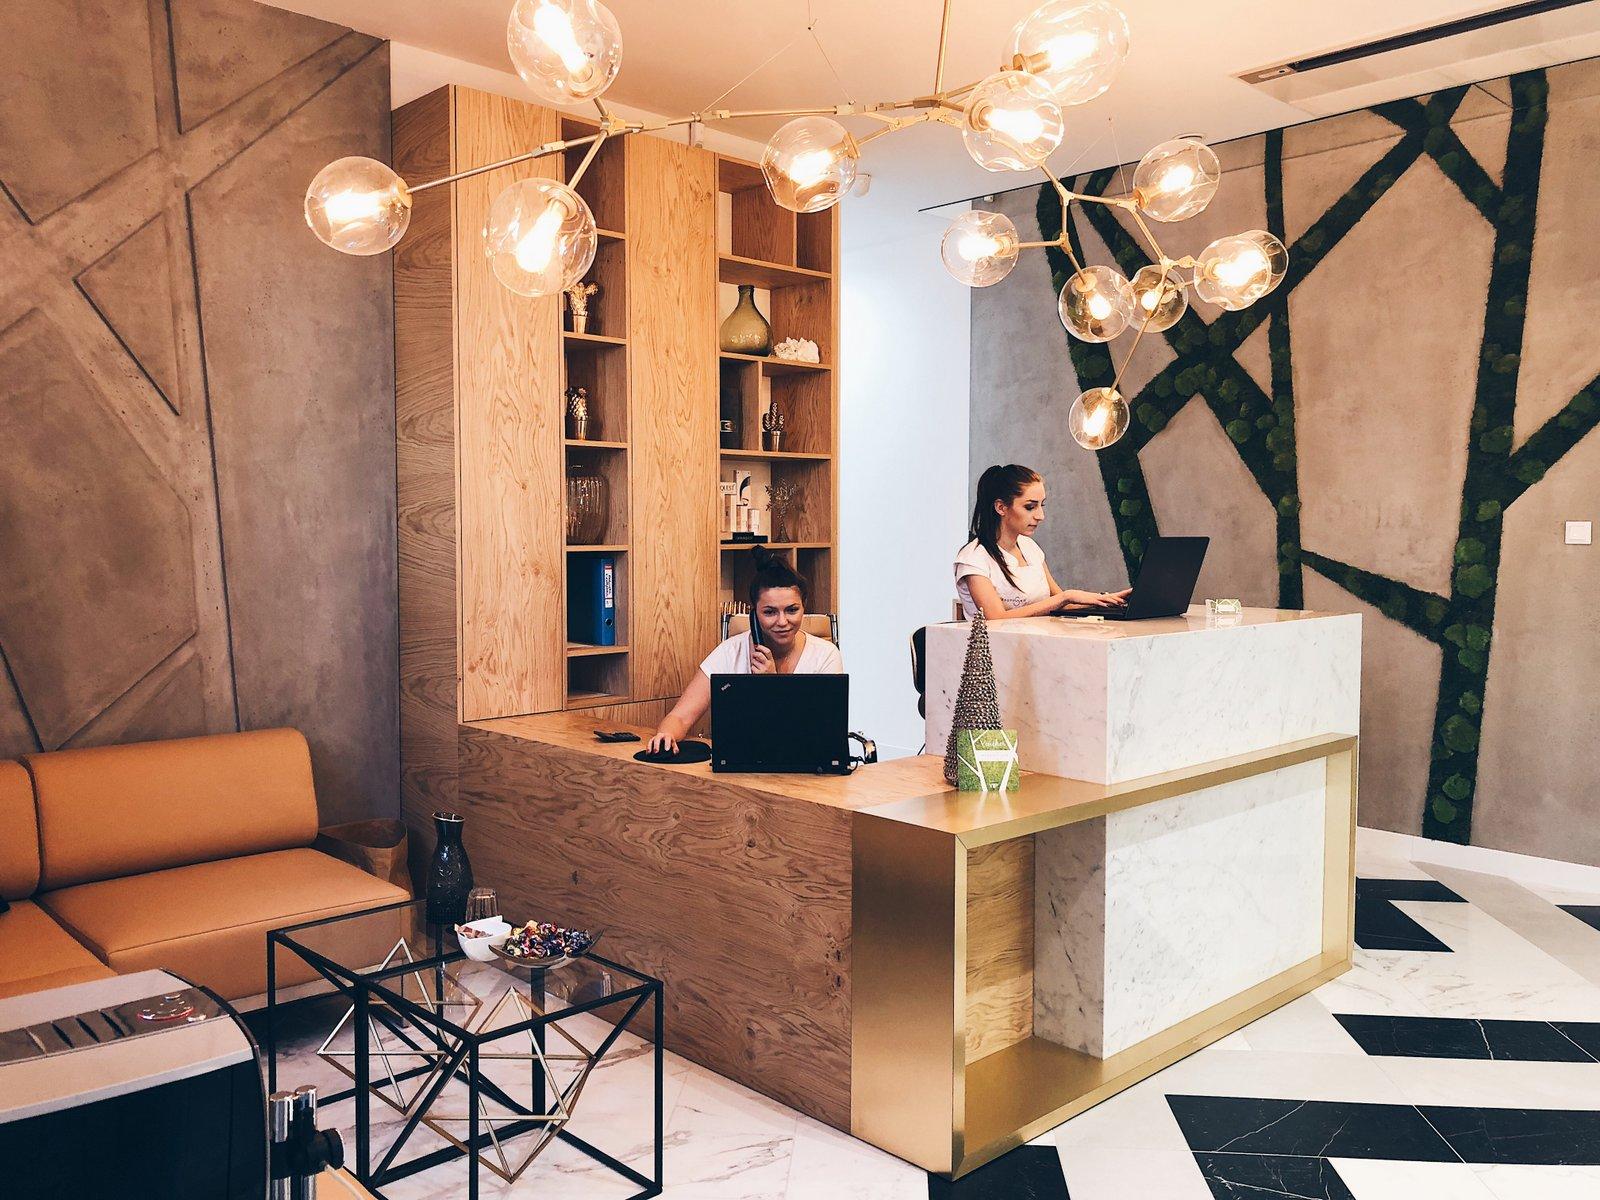 Usuwanie owłosienia laserem Motus w Klinice Beauty Skin w Warszawie